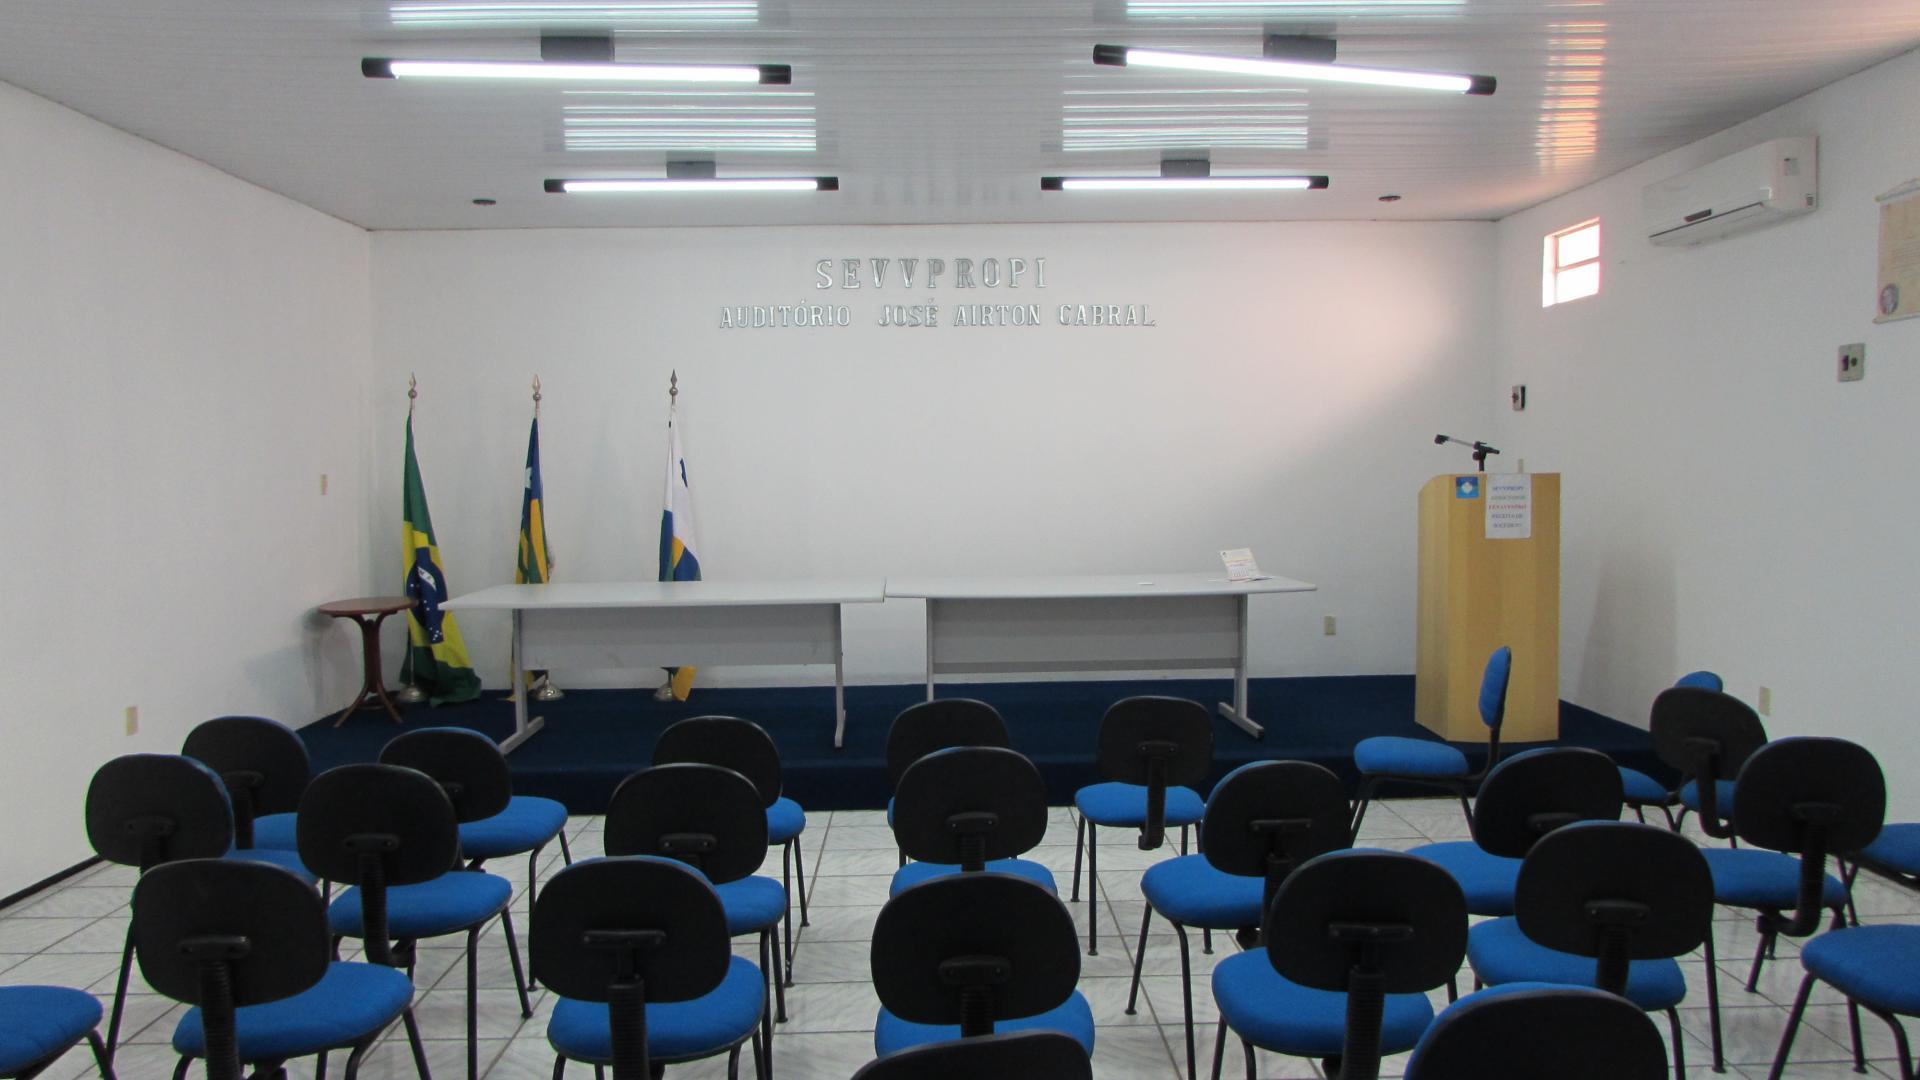 Auditório do SEVVPROPI